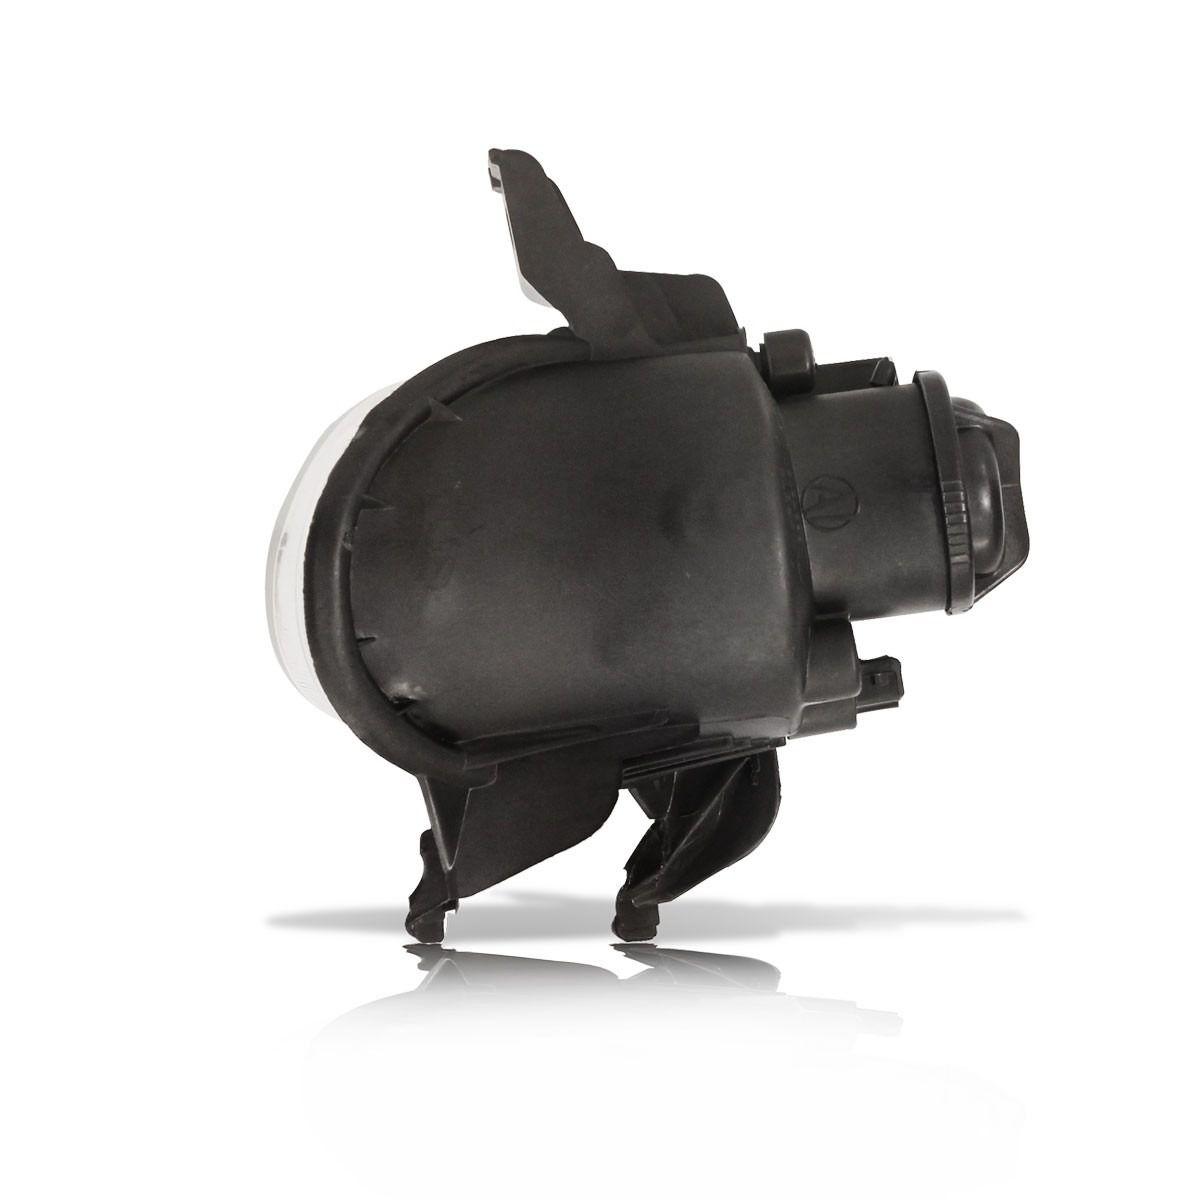 Farol De Milha Peugeot 206 99 00 01 02 03 04 206 Sw Neblina